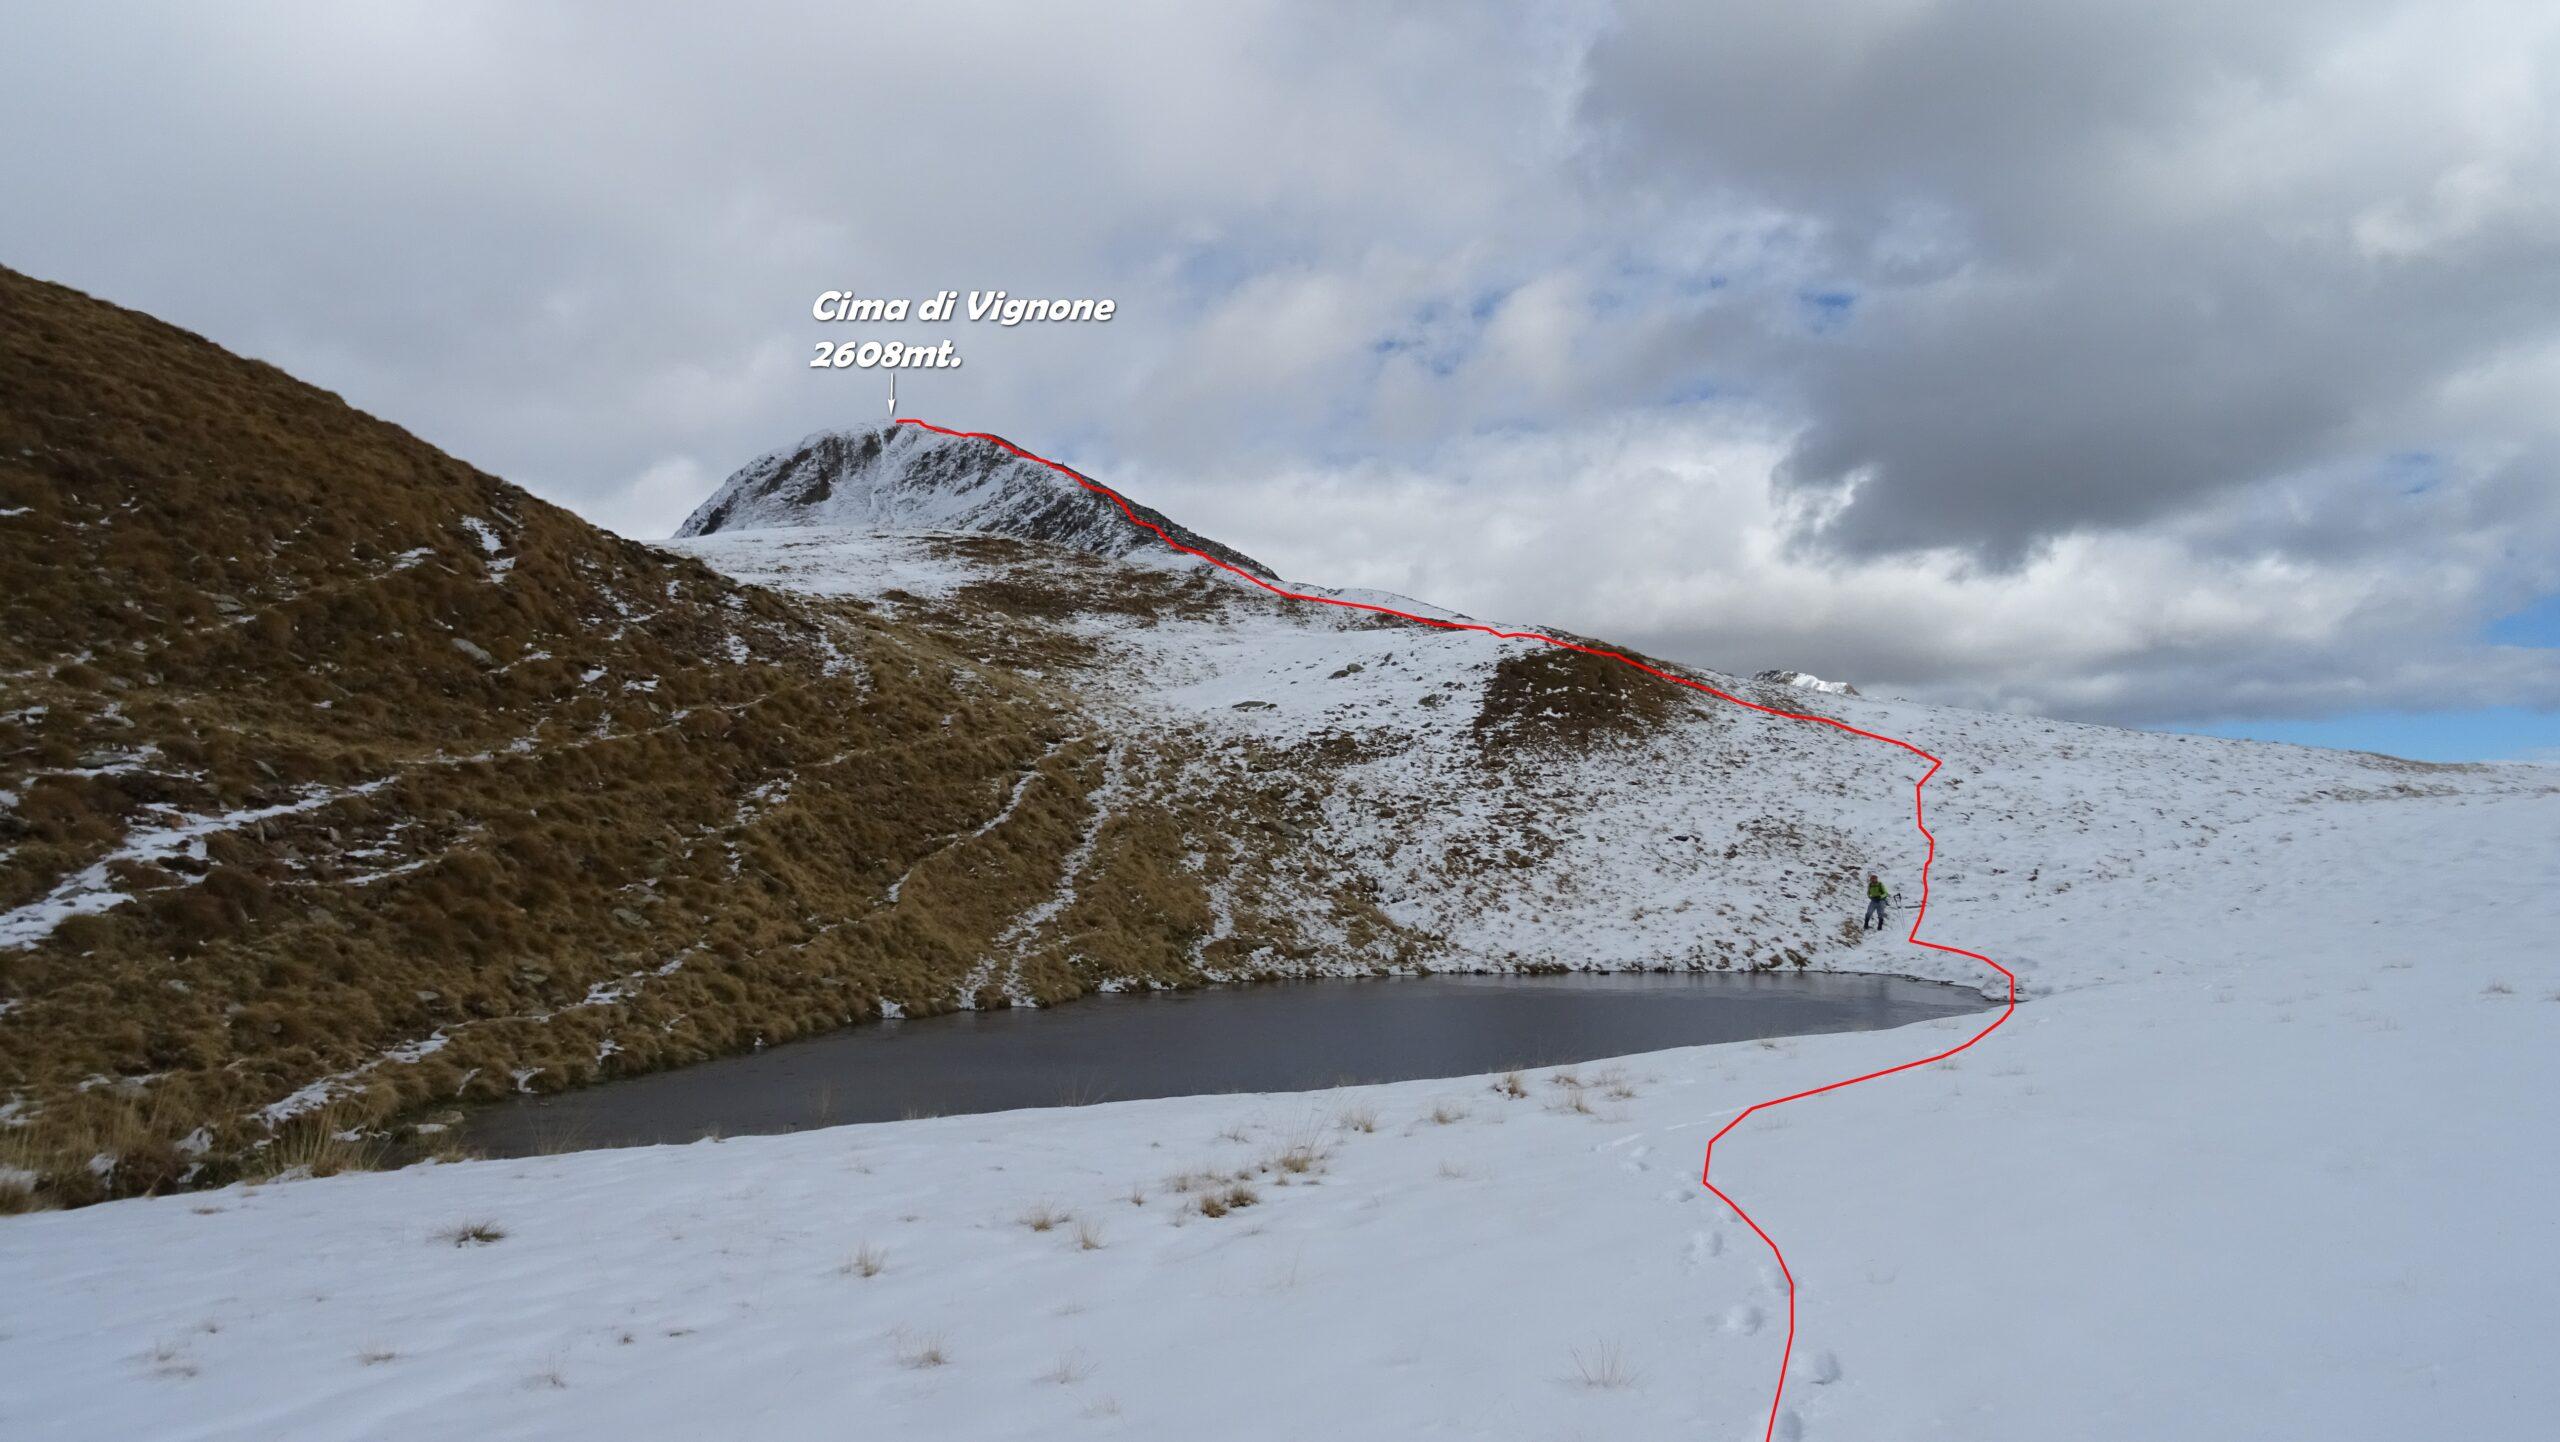 In rosso la traccia di discesa da Cima di Vignone vista alle nostre spalle.